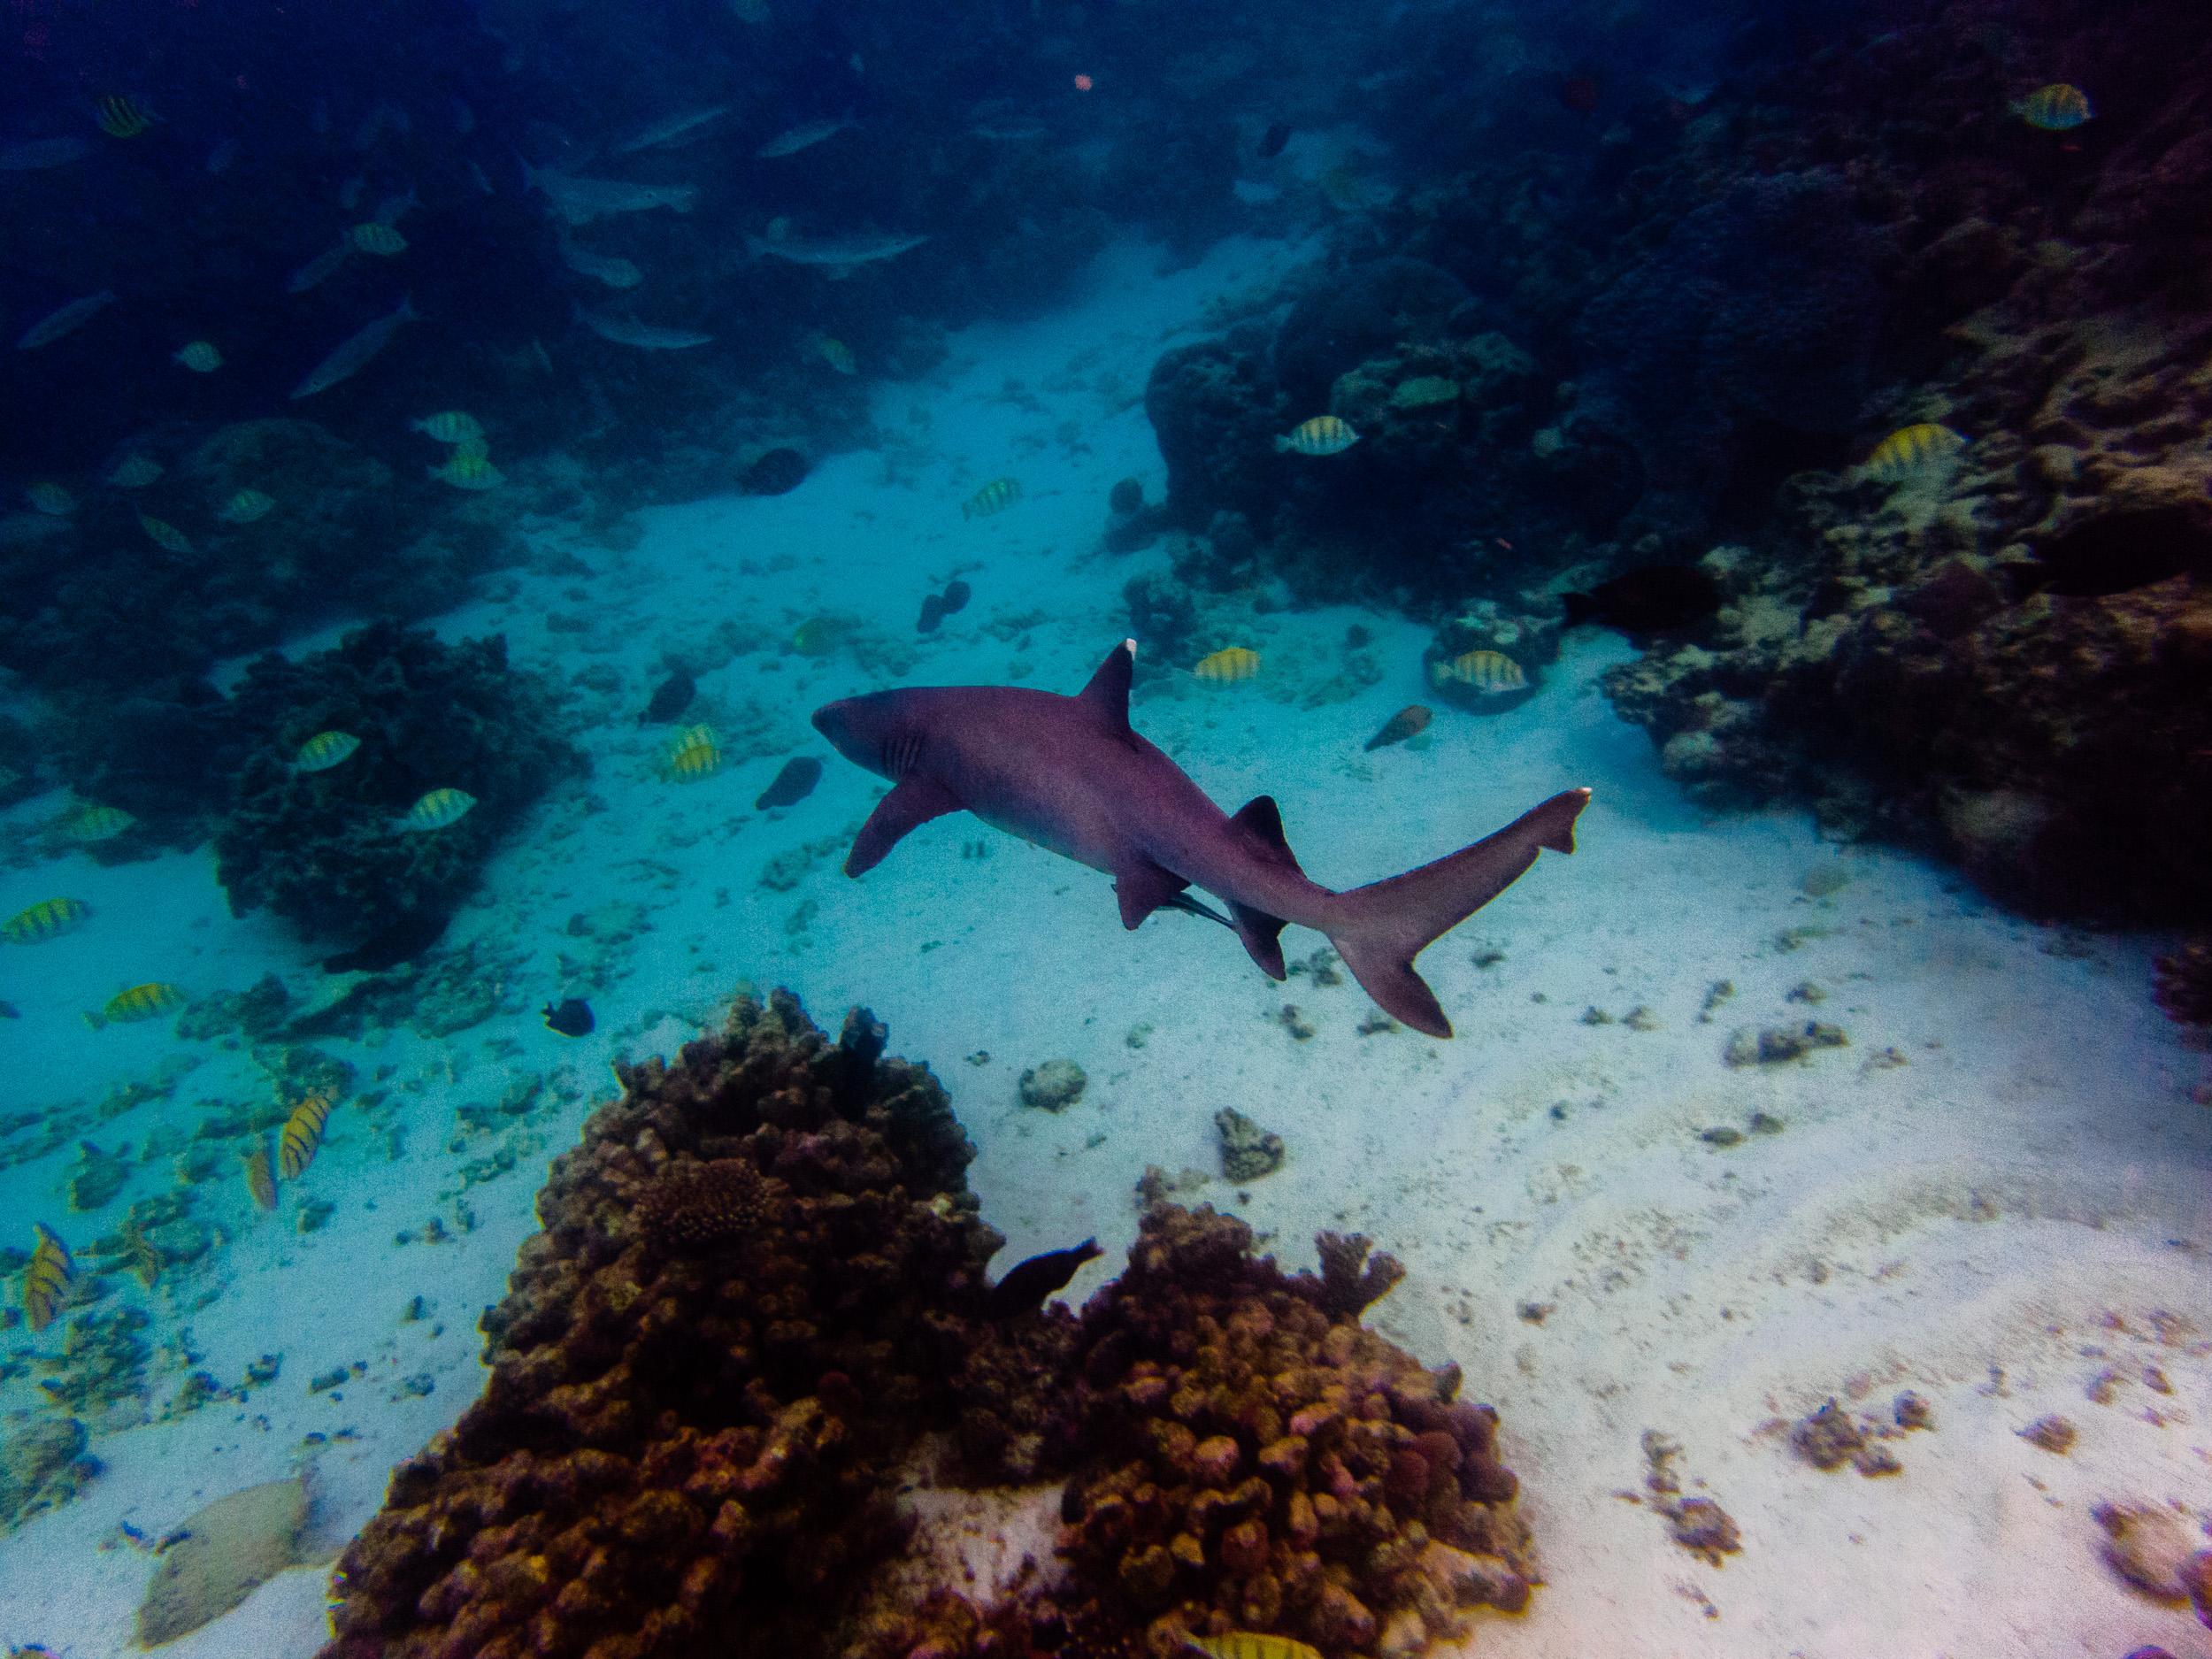 Spyrides_Kyle_Ningaloo_Reef_Sal_Salis.13.5.2016P5141897.jpg